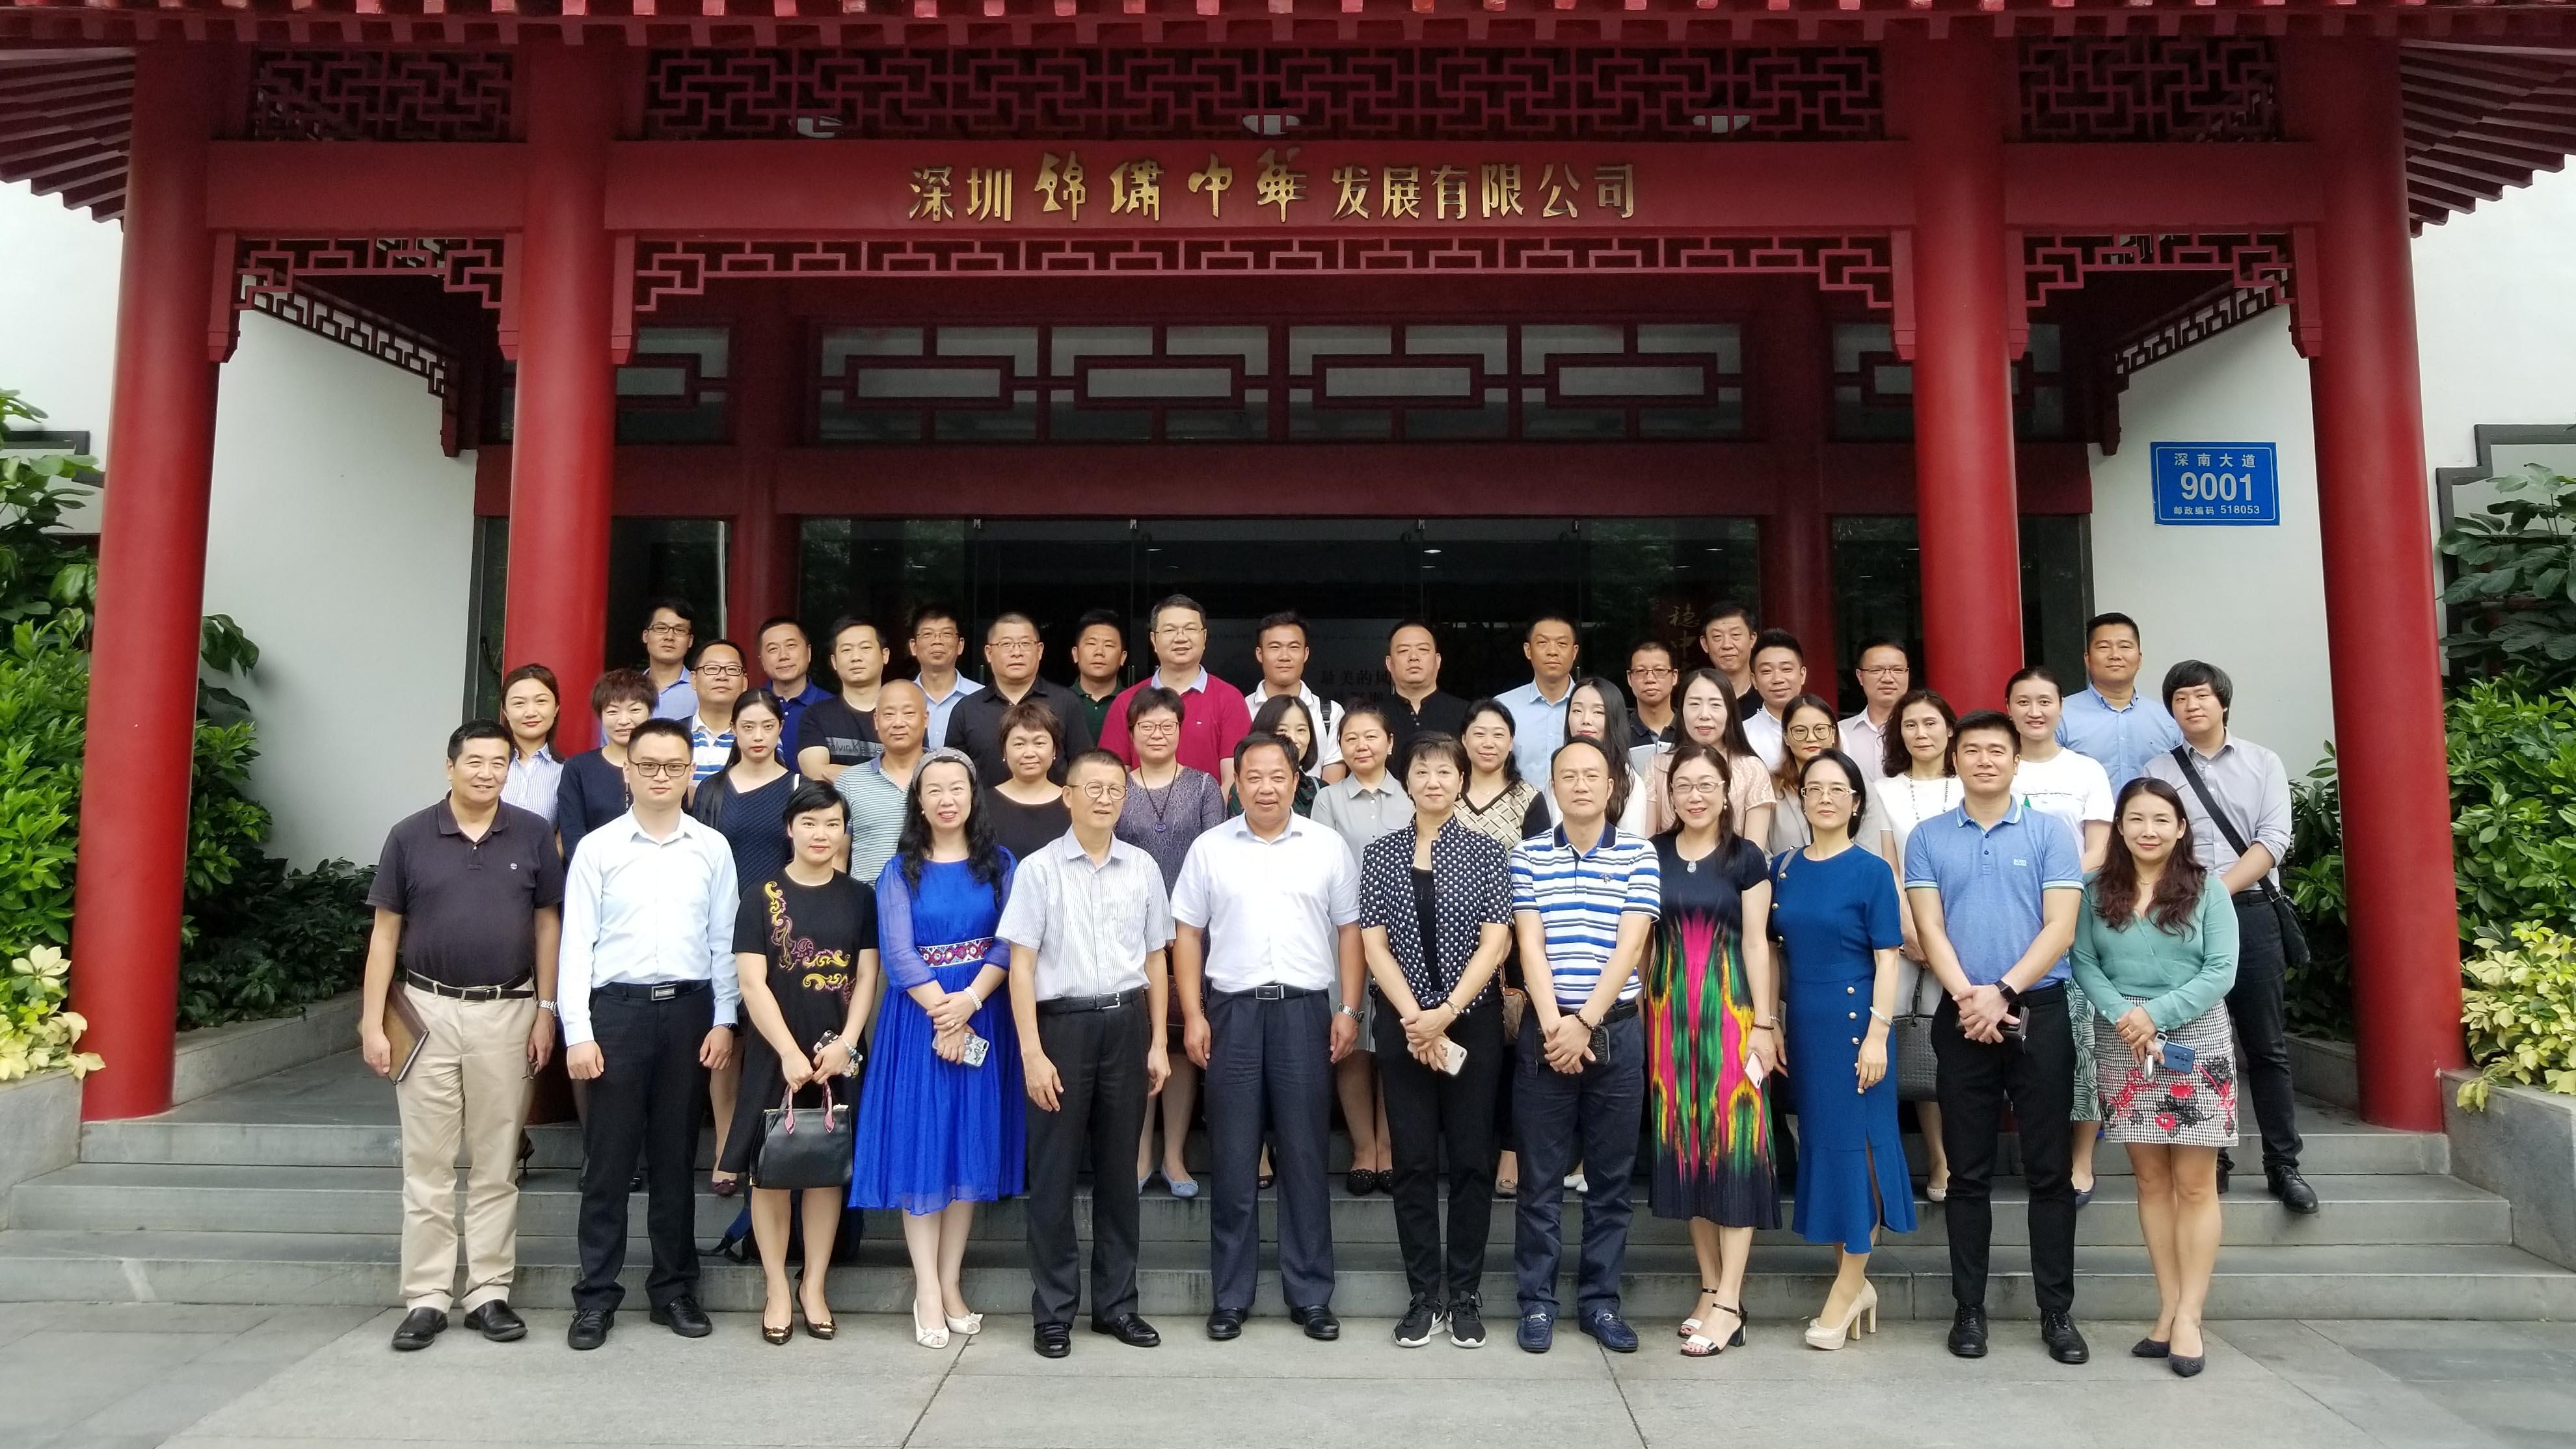 聚力打造主题游品牌,深圳市旅游协会主题游旅游联盟成立了!